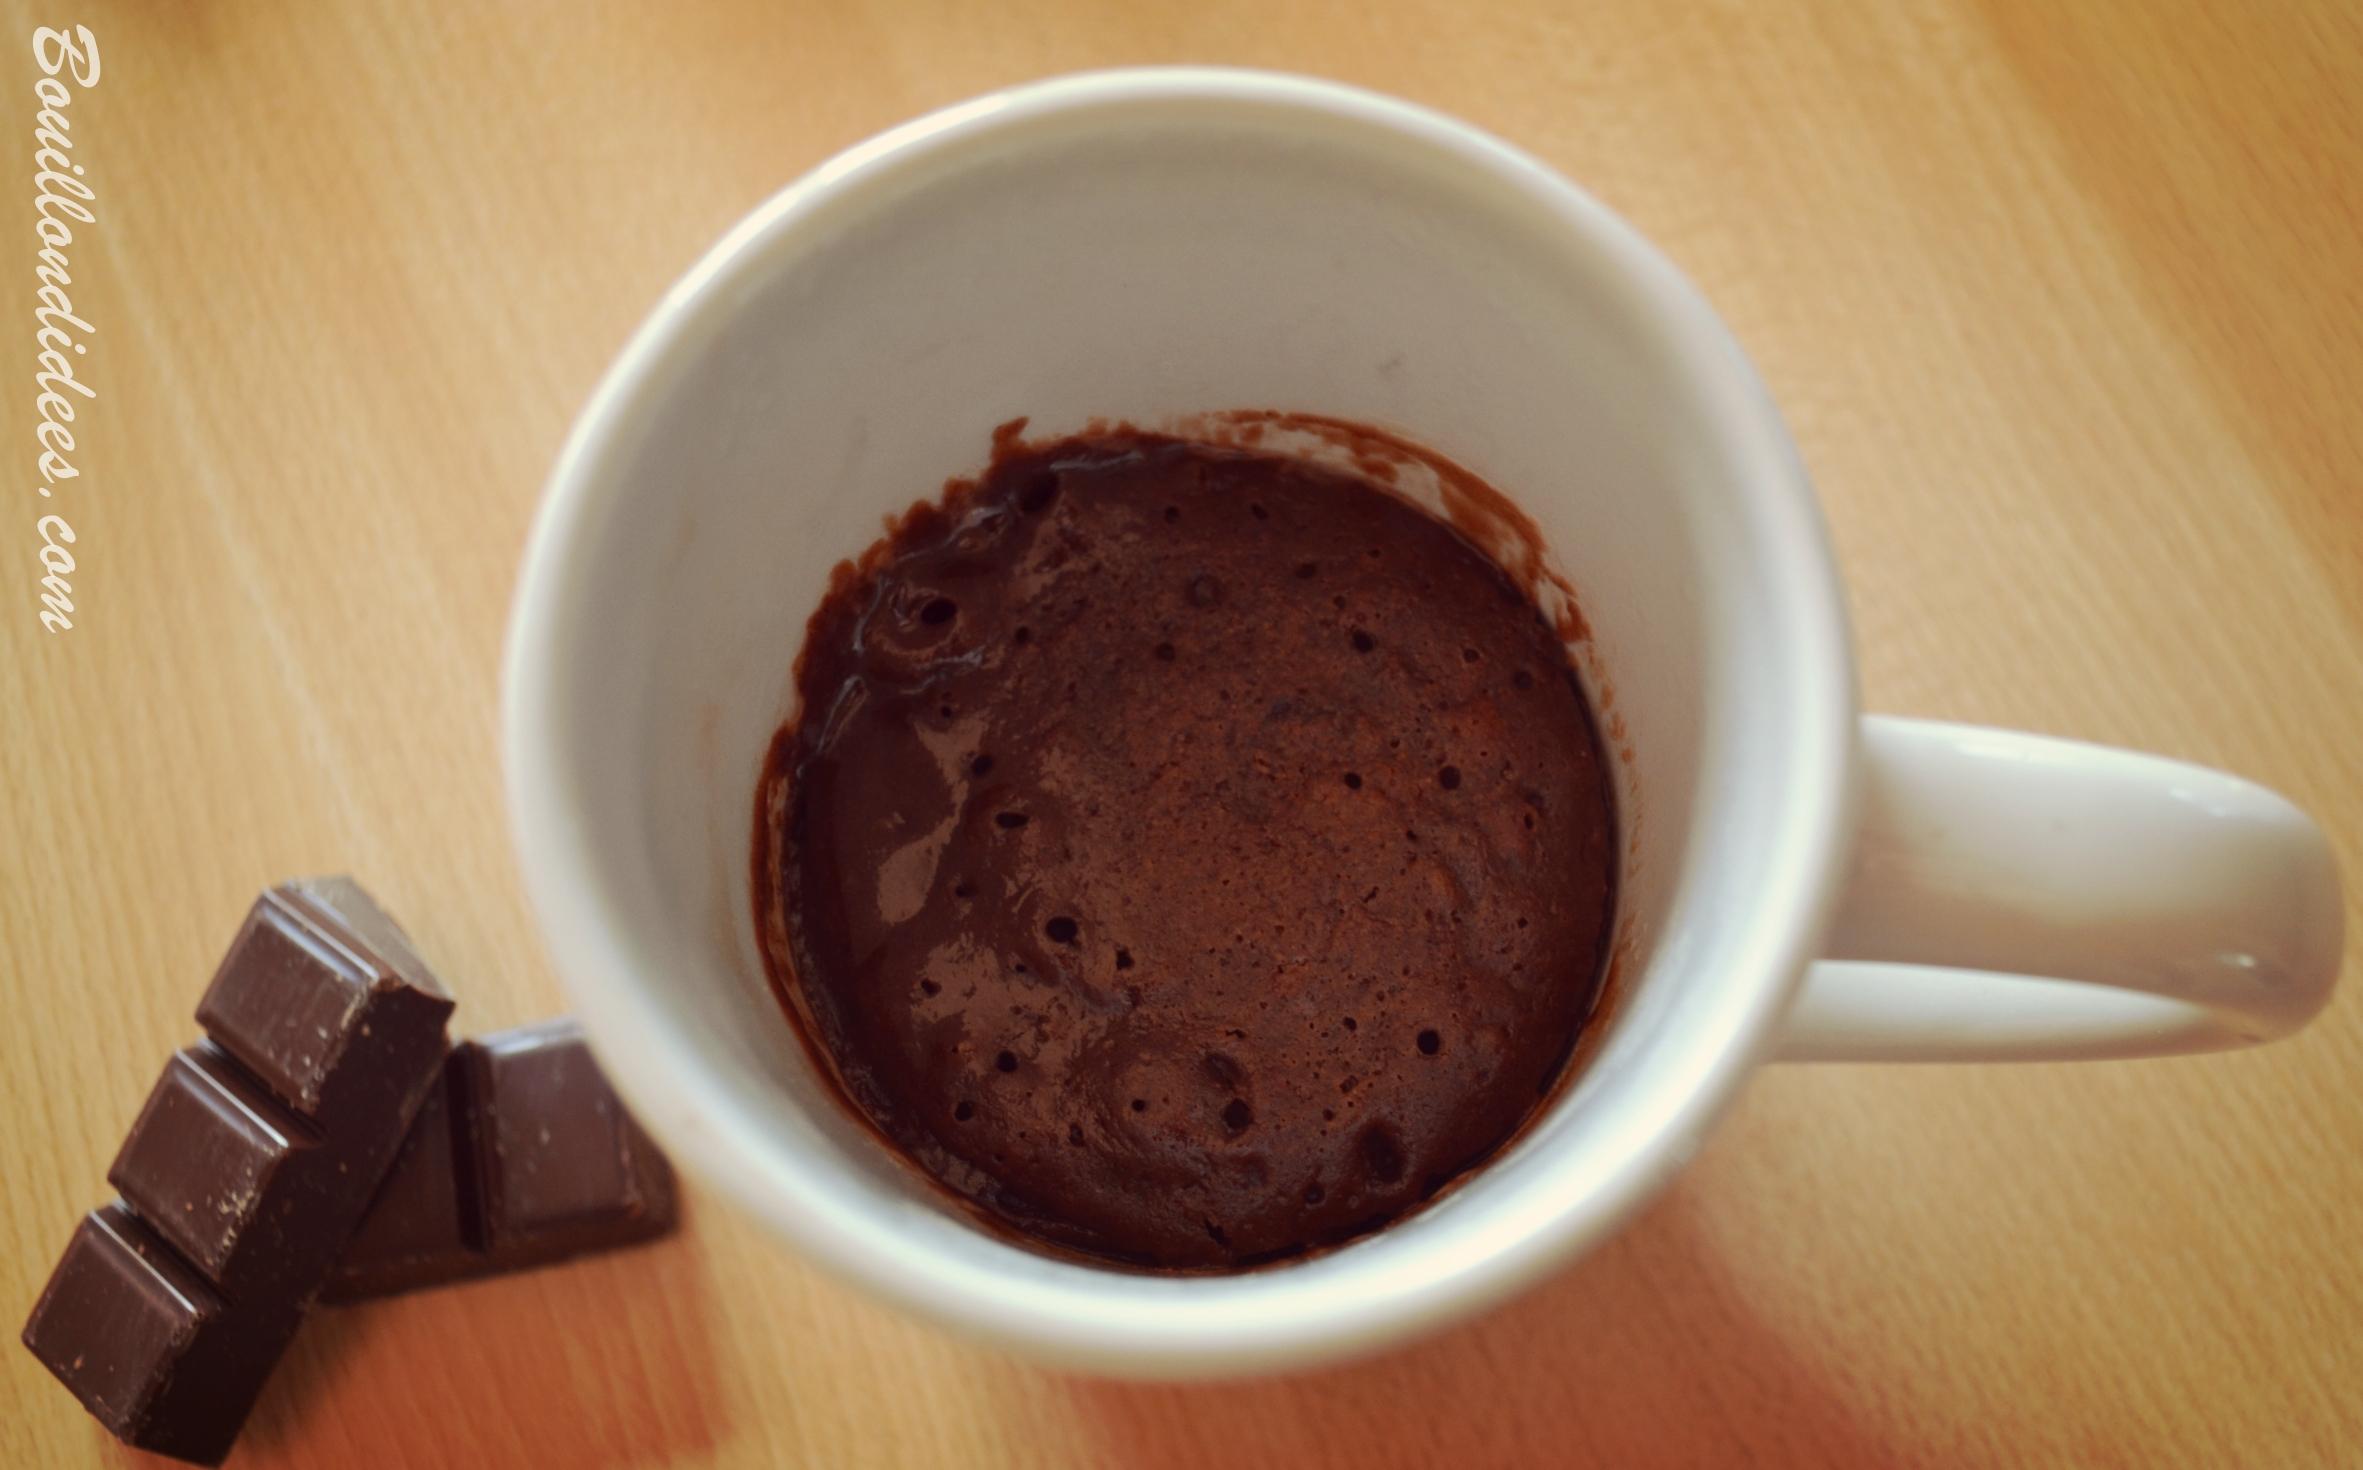 Mug cake fa on brownie sans glo gluten lait blanc d 39 oeuf - Cuisinez gourmand sans gluten sans lait sans oeufs ...